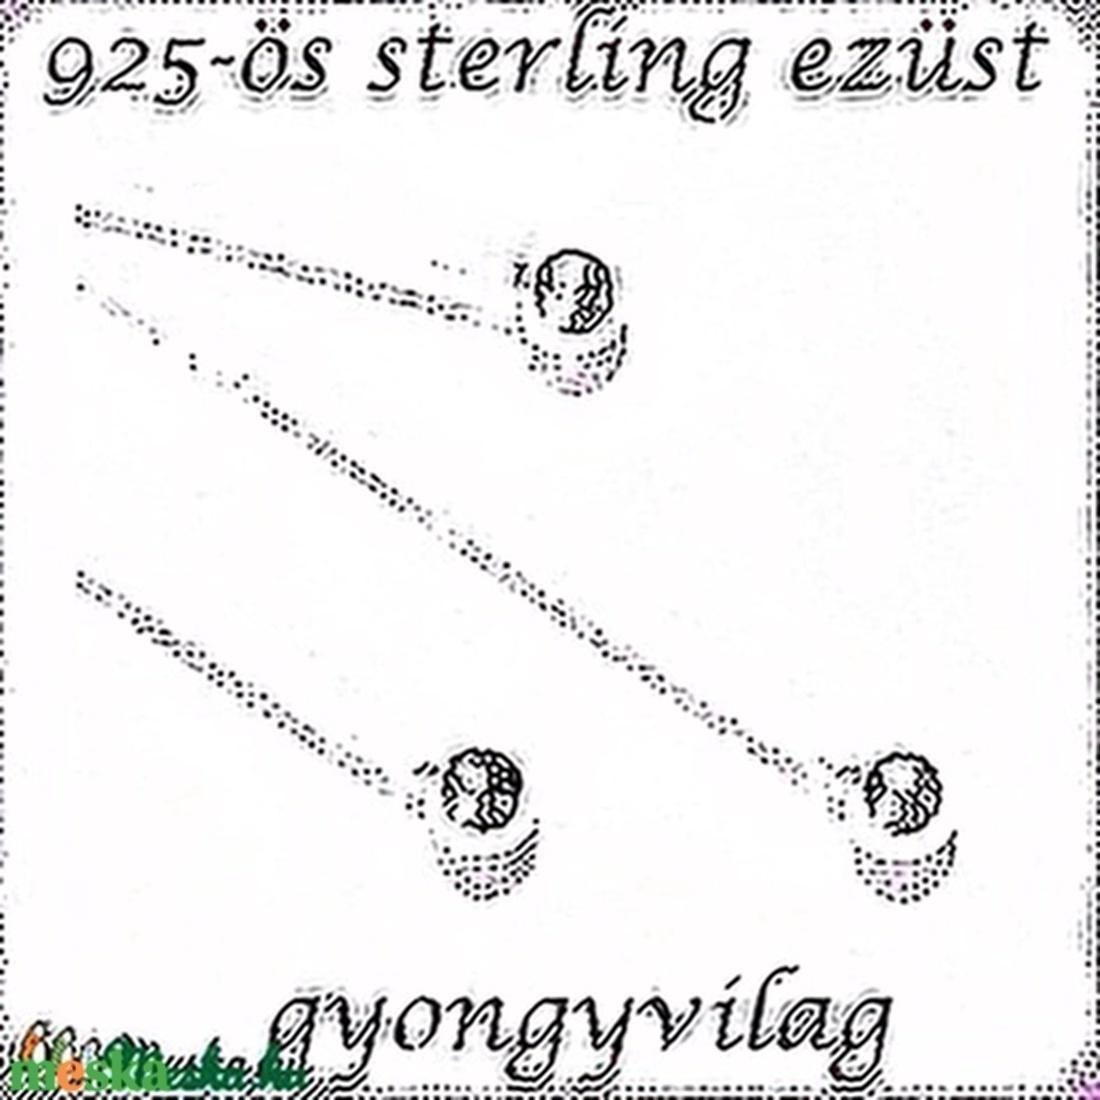 925-ös ezüst szerelőpálca gömb végű ESZP G 60x0,8  - gyöngy, ékszerkellék - egyéb alkatrész - Meska.hu